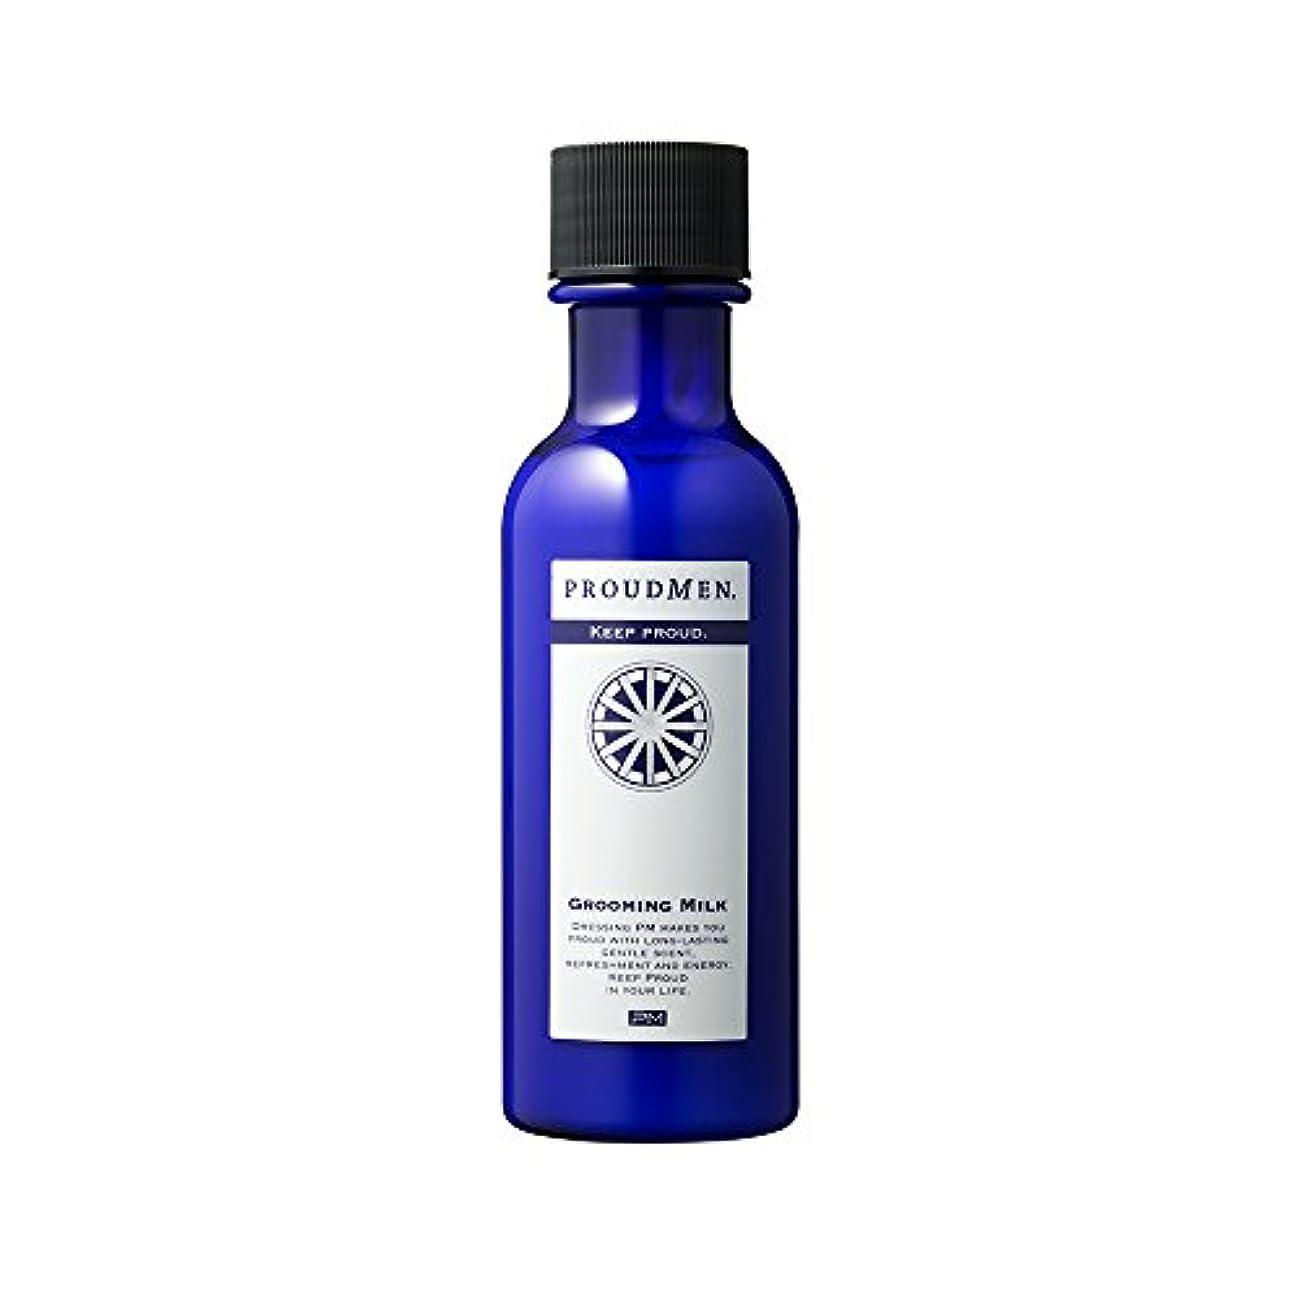 フィルタ確認タイトルプラウドメン グルーミングミルク 100ml 化粧水 メンズ アフターシェーブ